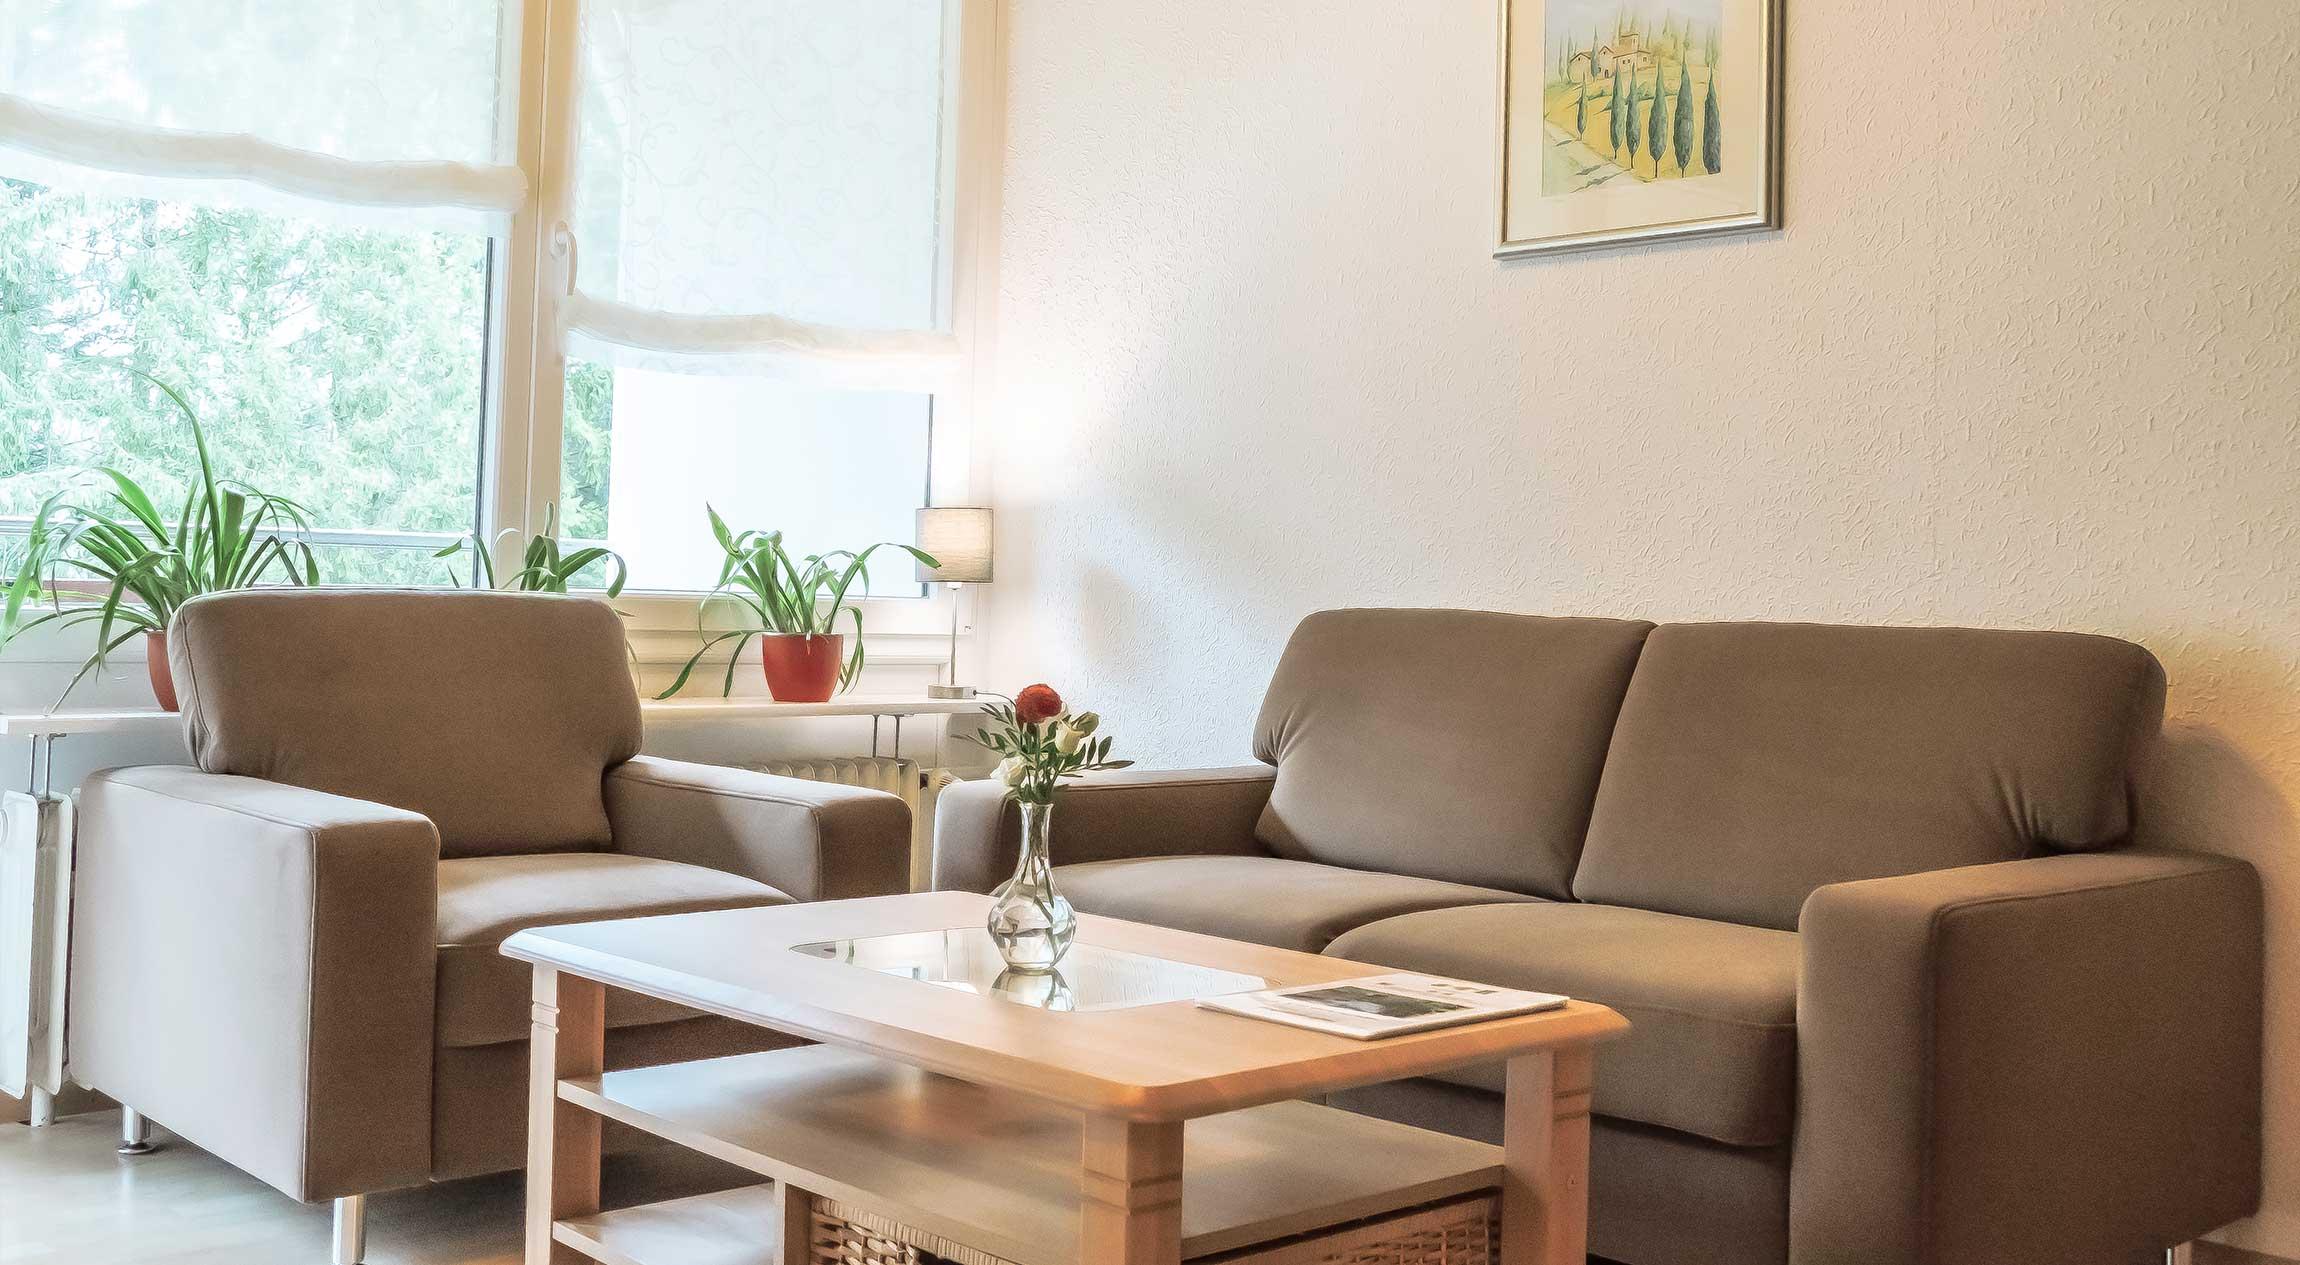 Wohnungstyp III - Wohnzimmer